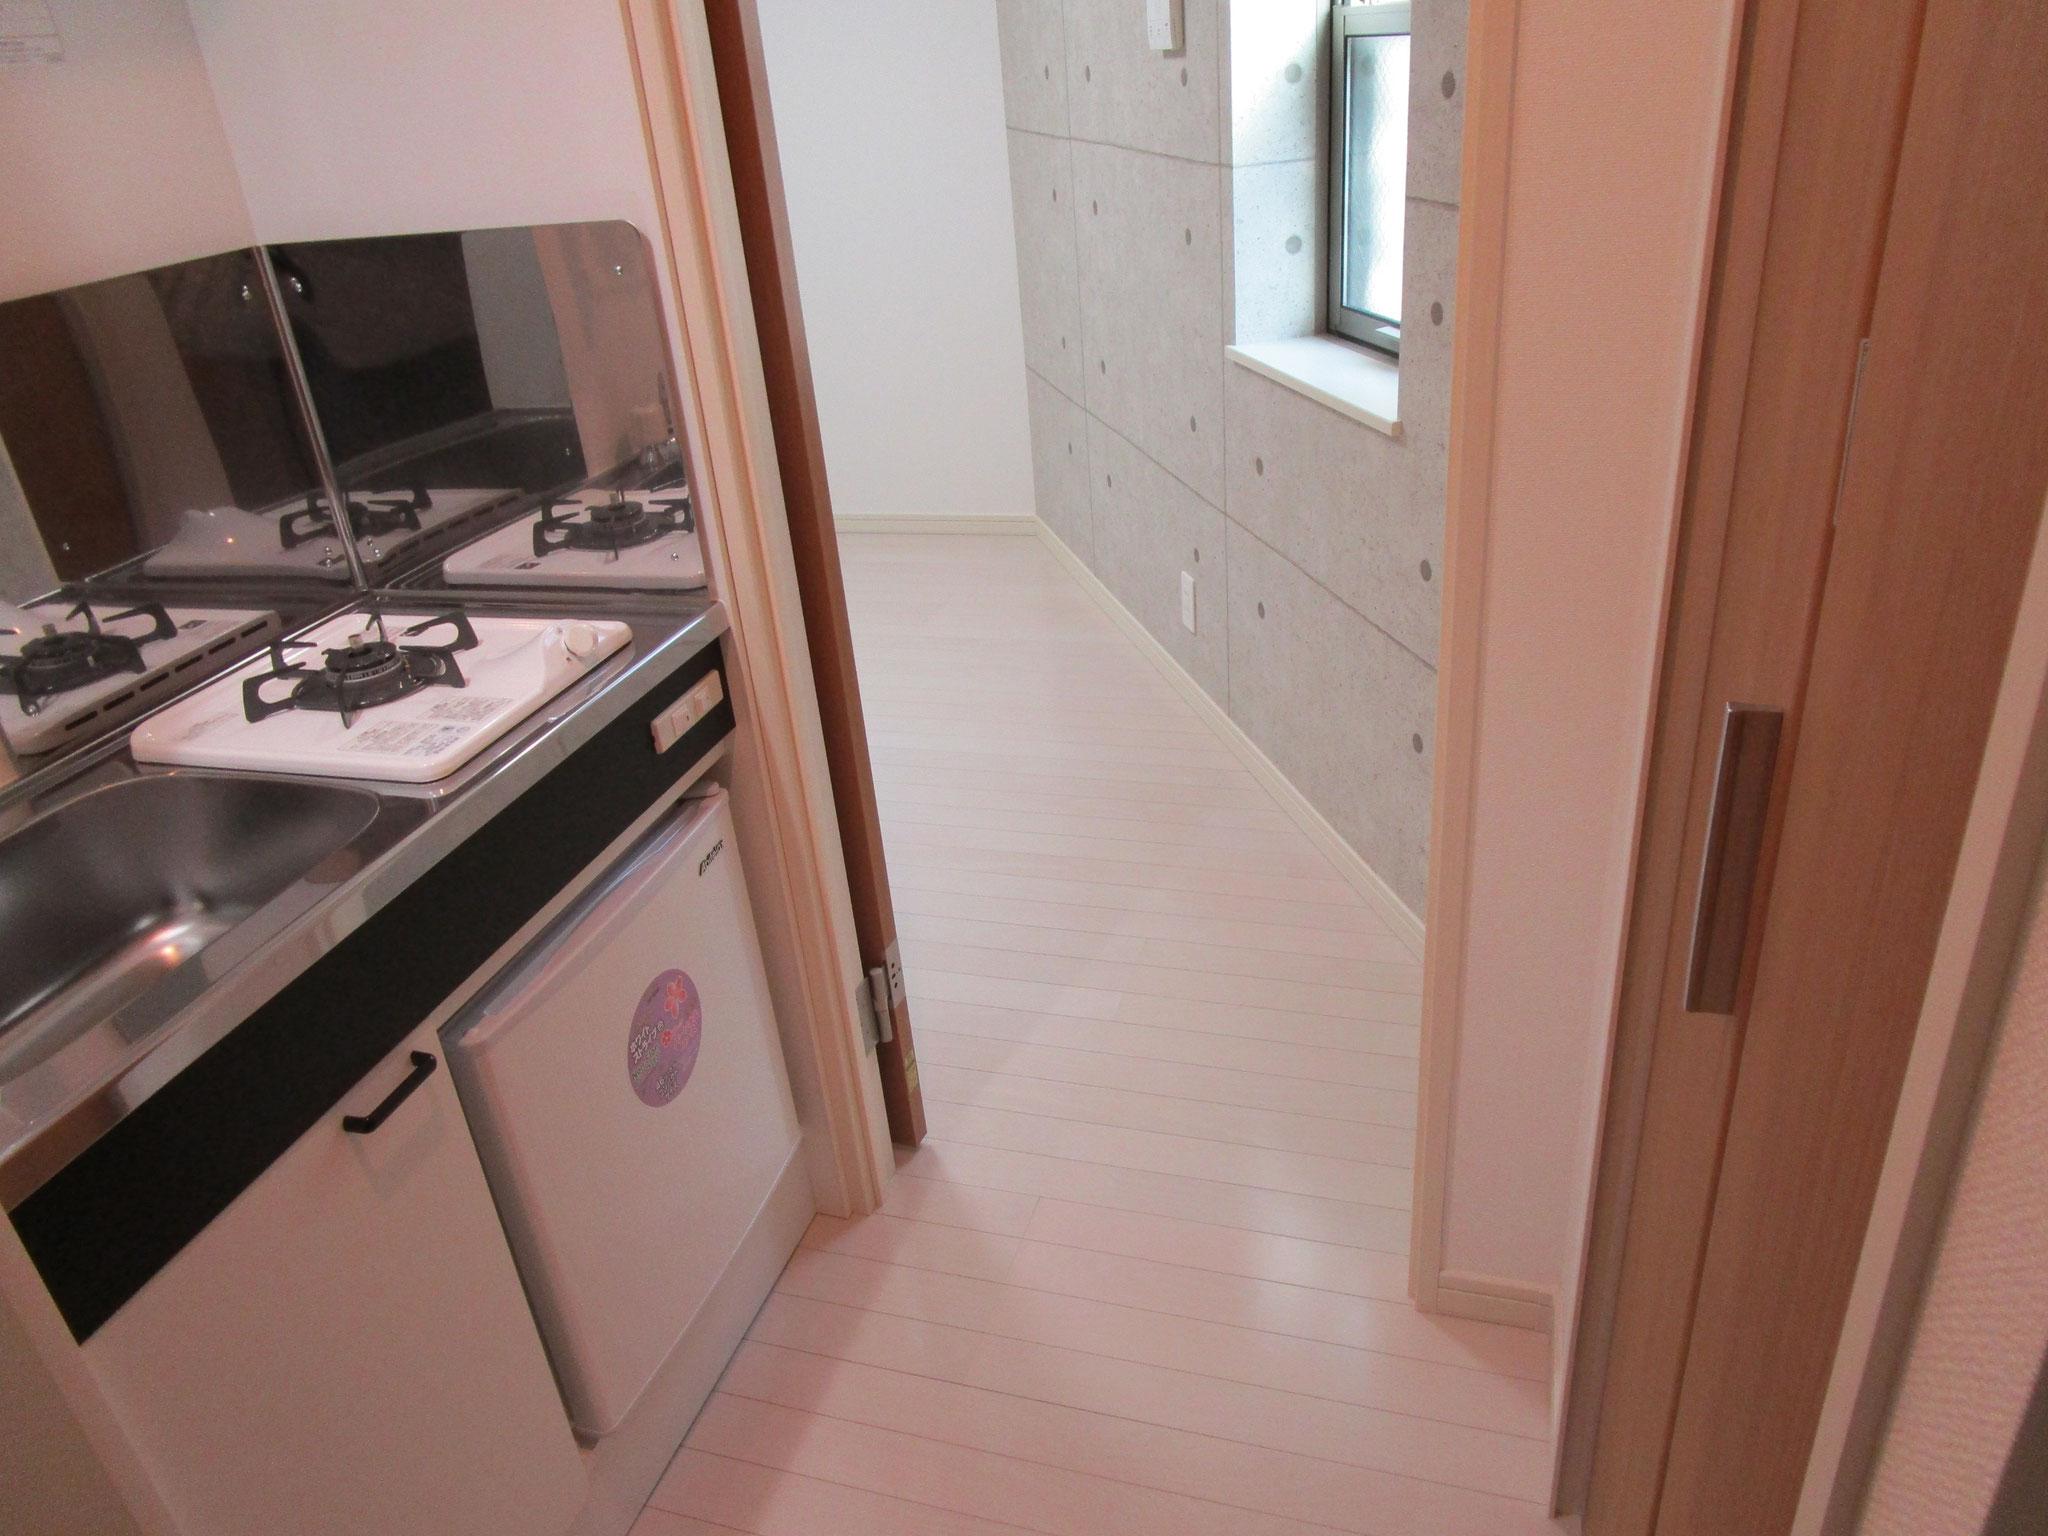 右側は扉付きの収納、左側はキッチン